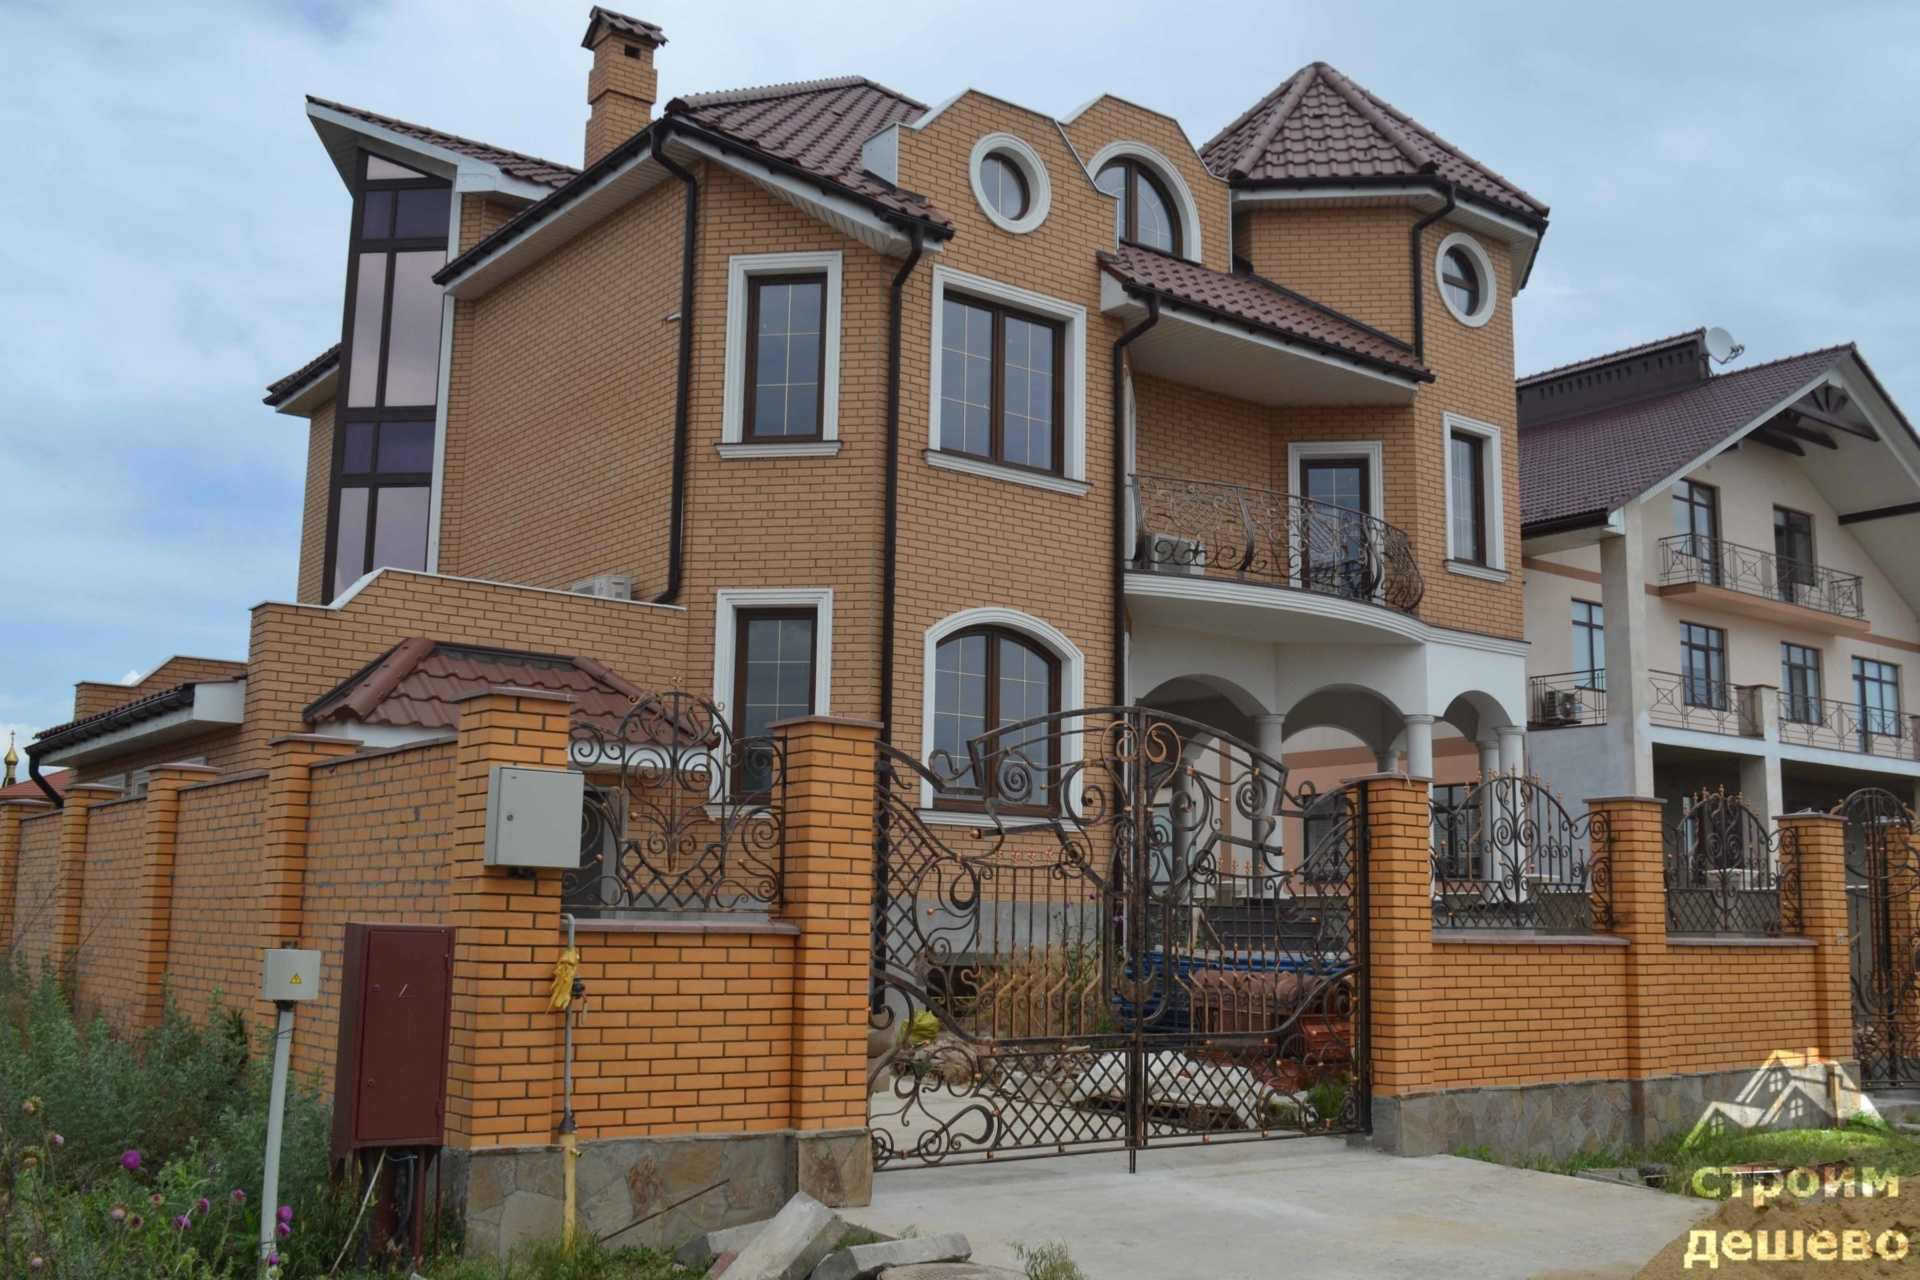 001 scaled - Строительство домов